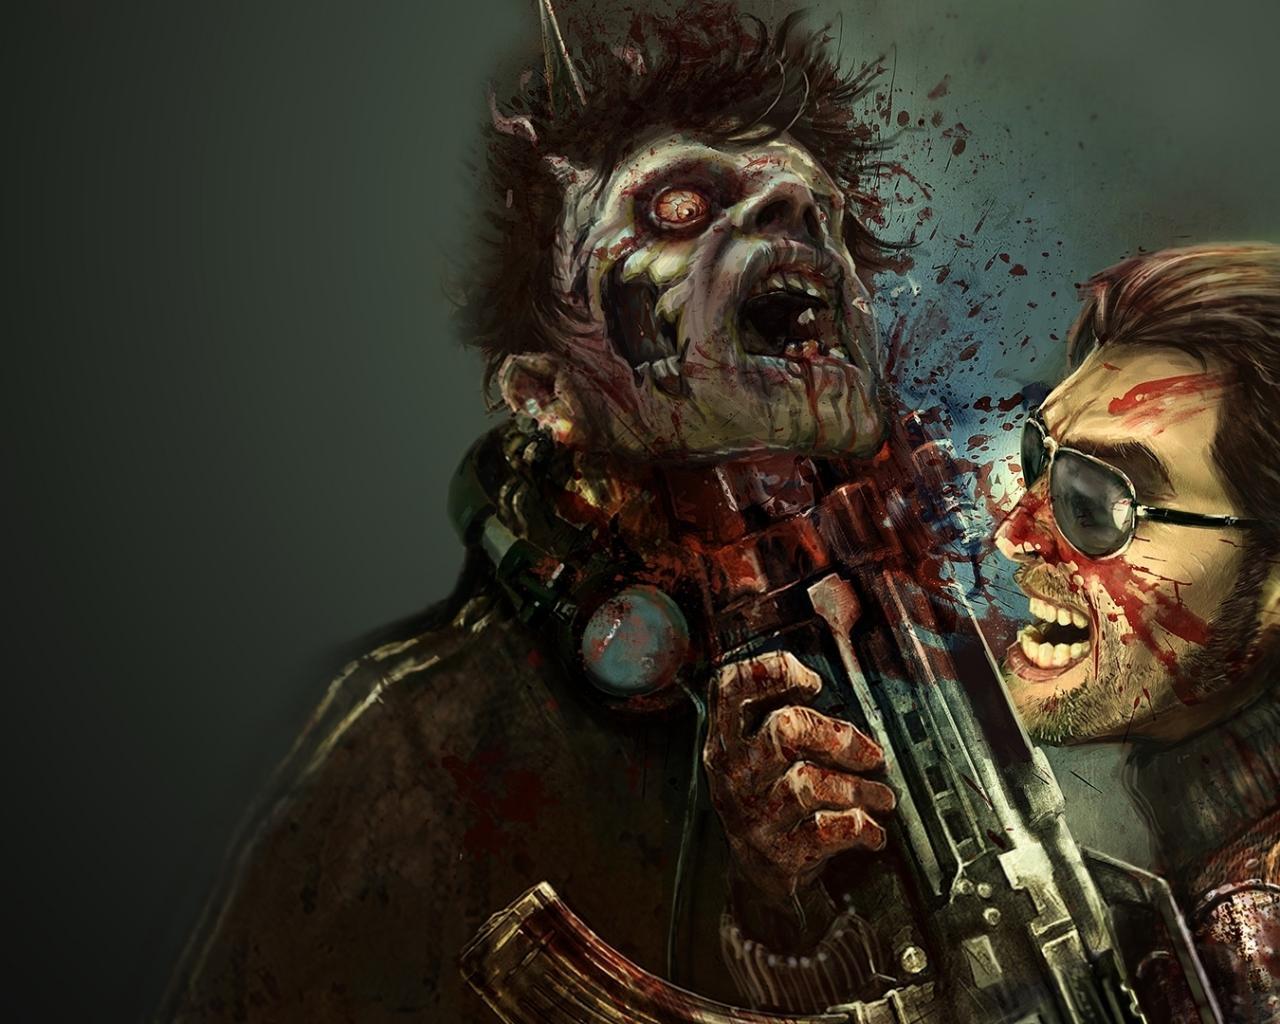 Игры игры зомби оружие автомат крик